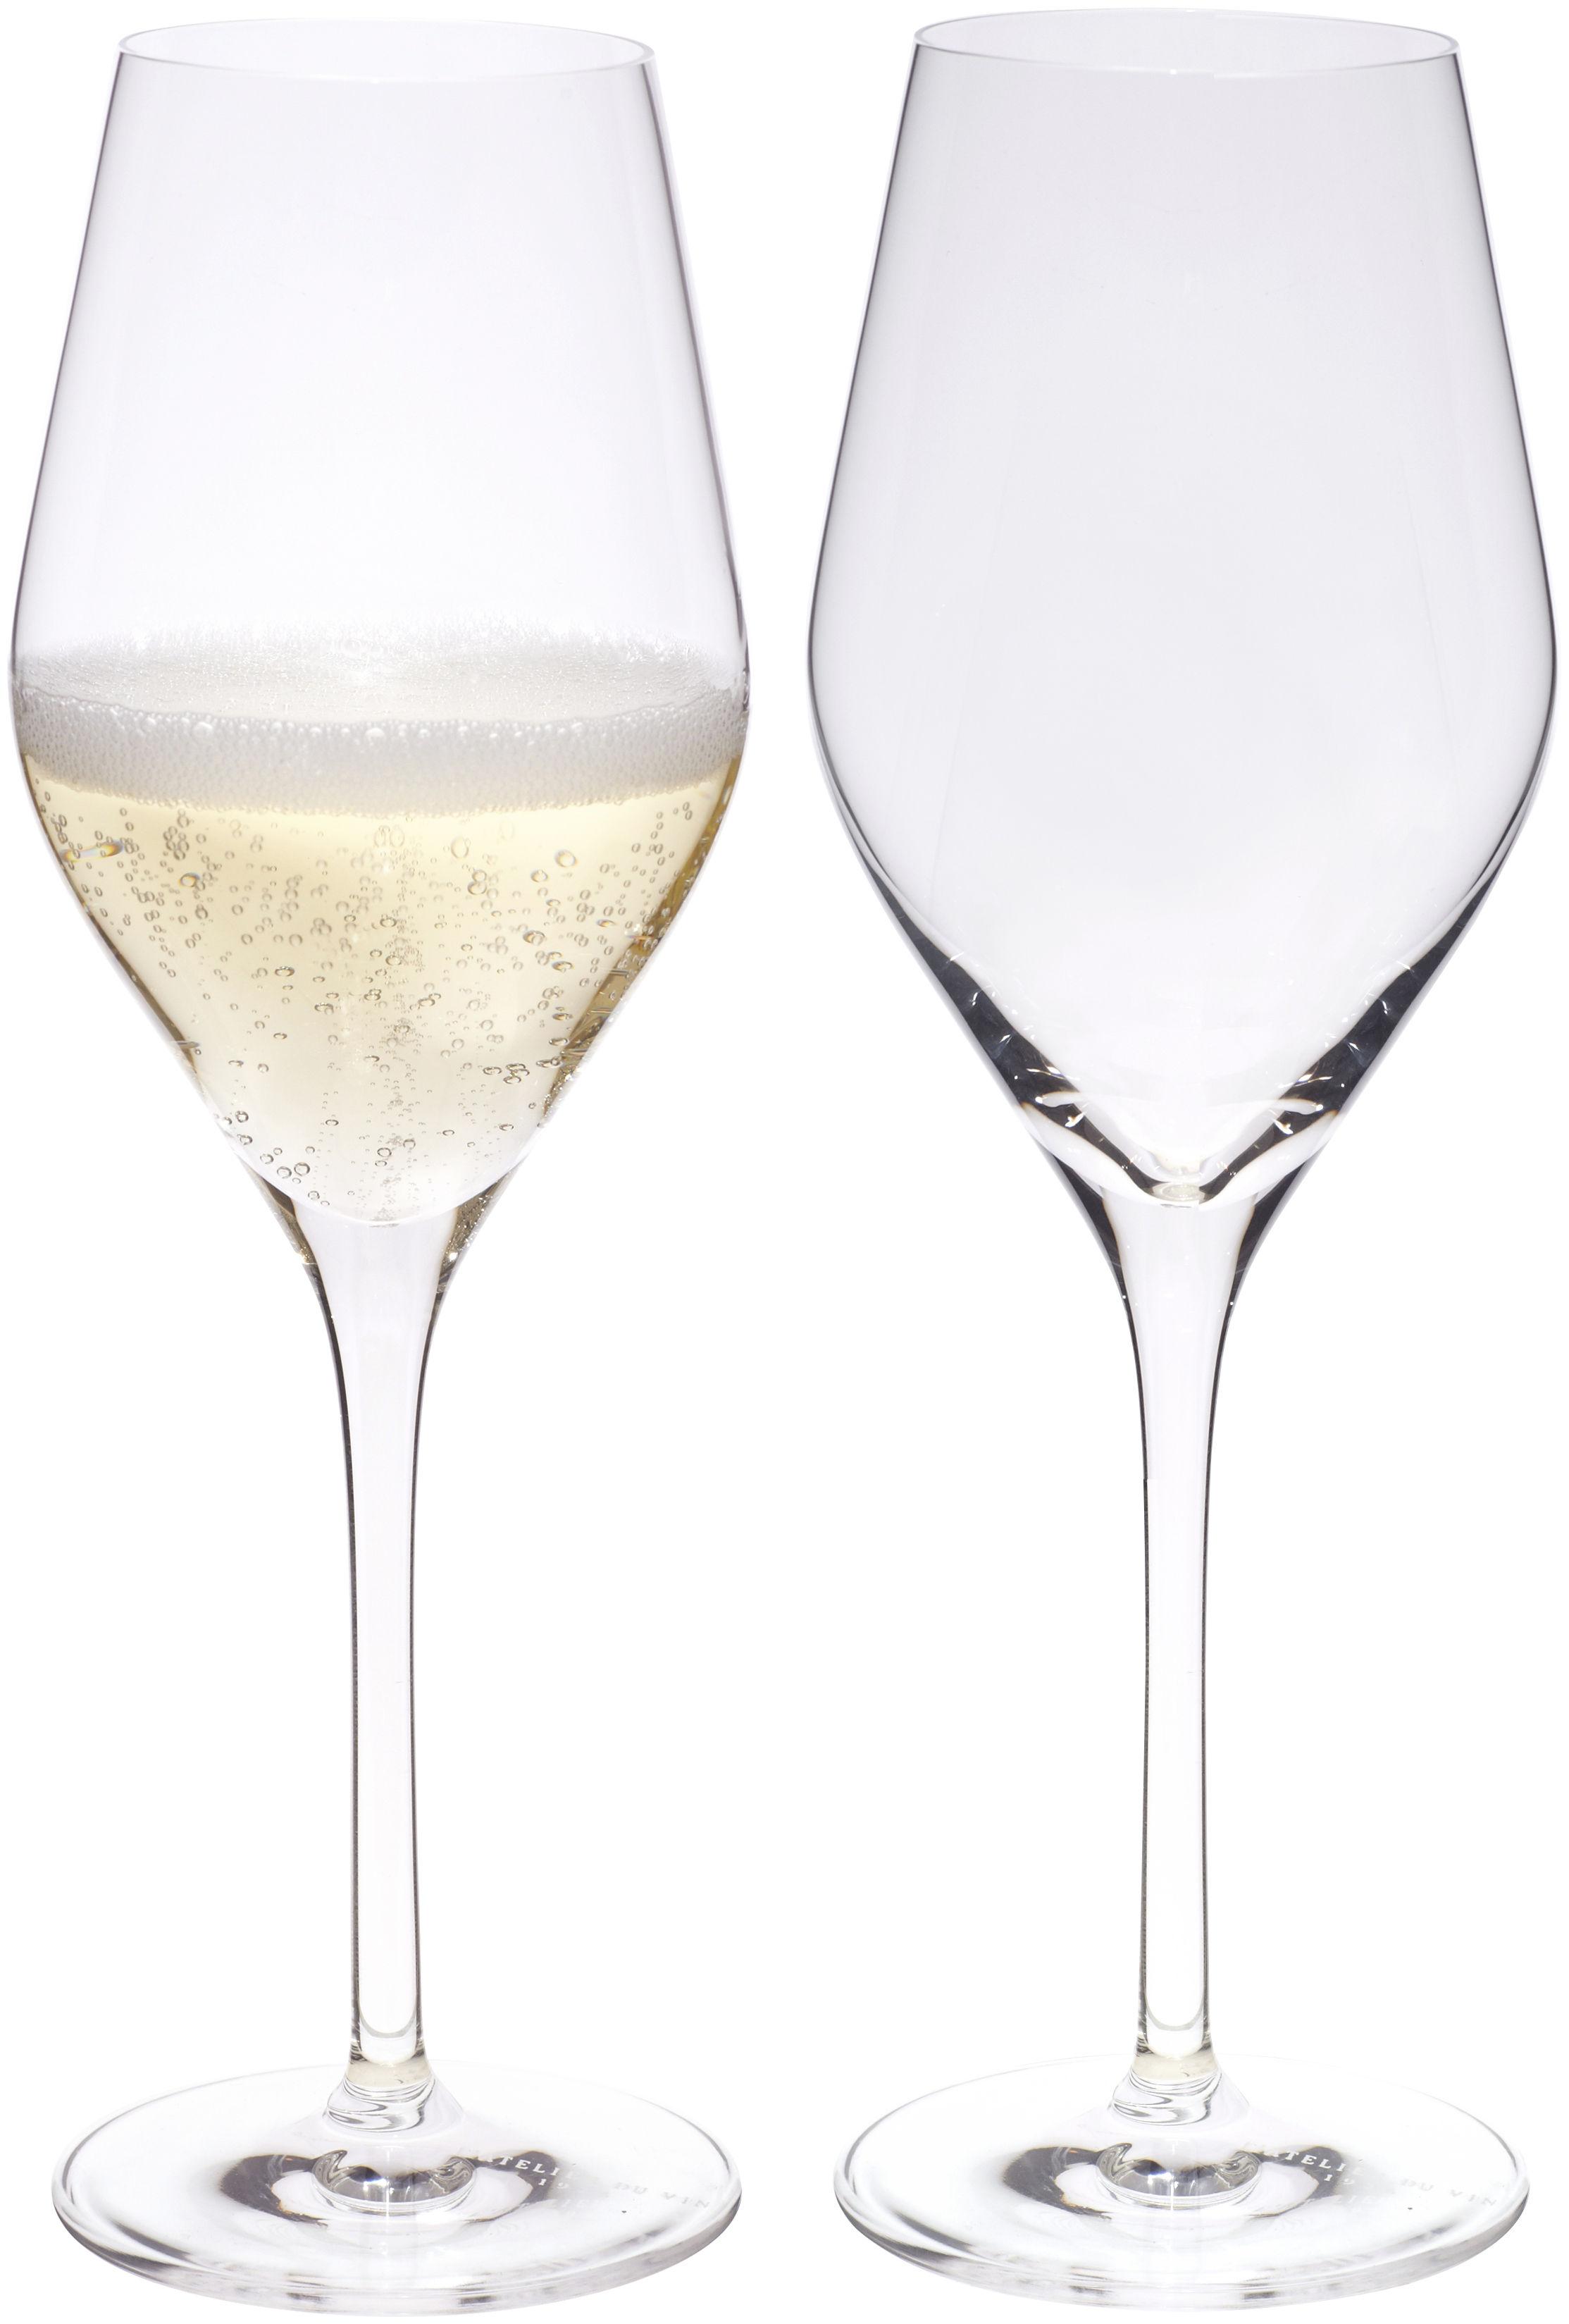 Arts de la table - Verres  - Flûte à champagne Good Size / Set de 2 - L'Atelier du Vin - Transparent -  Nesium®, Verre cristallin soufflé